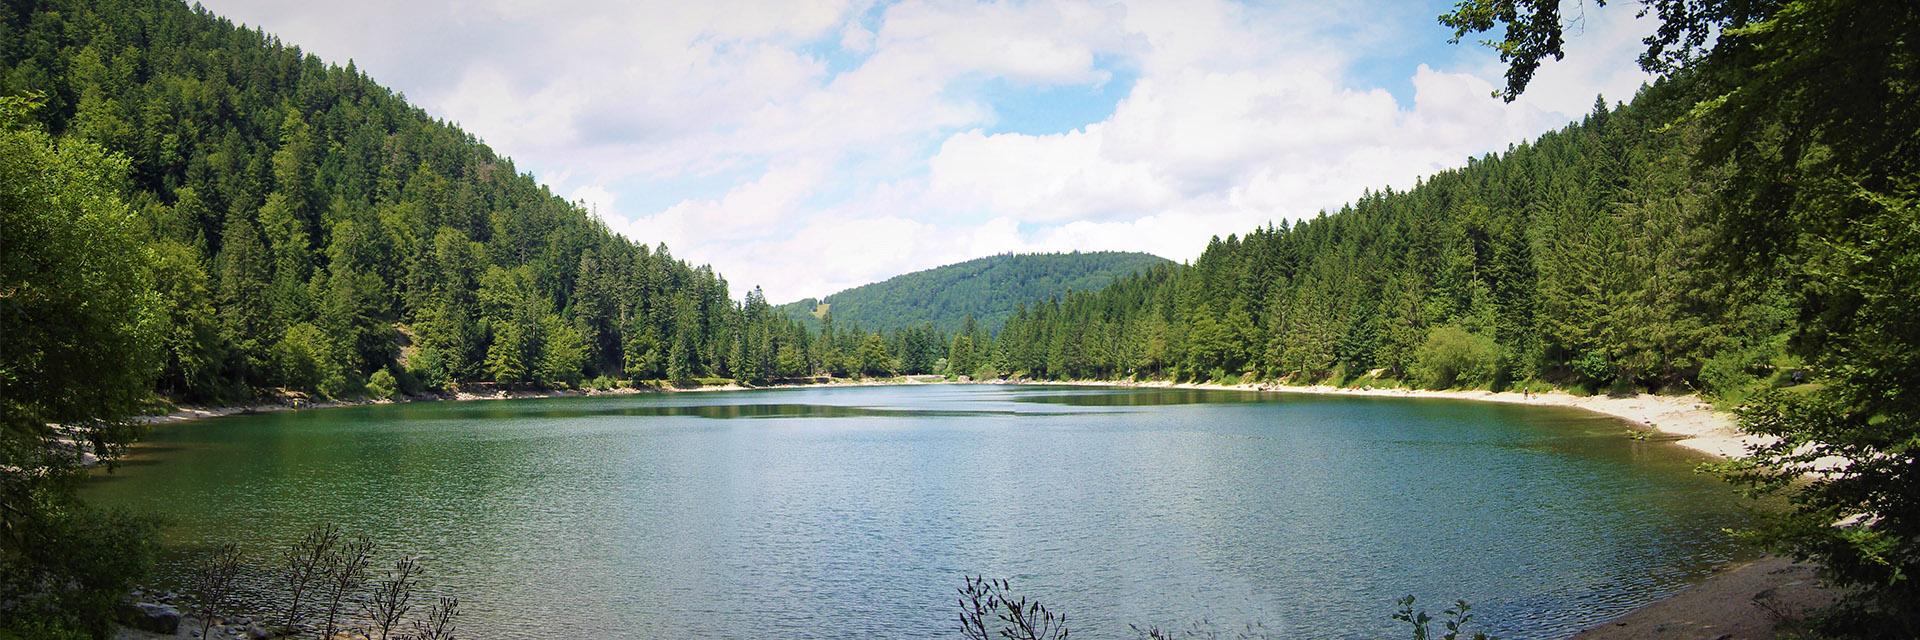 village-club-cap-france-vosqes-alsace-les-4-vents-lac-ete-paysage